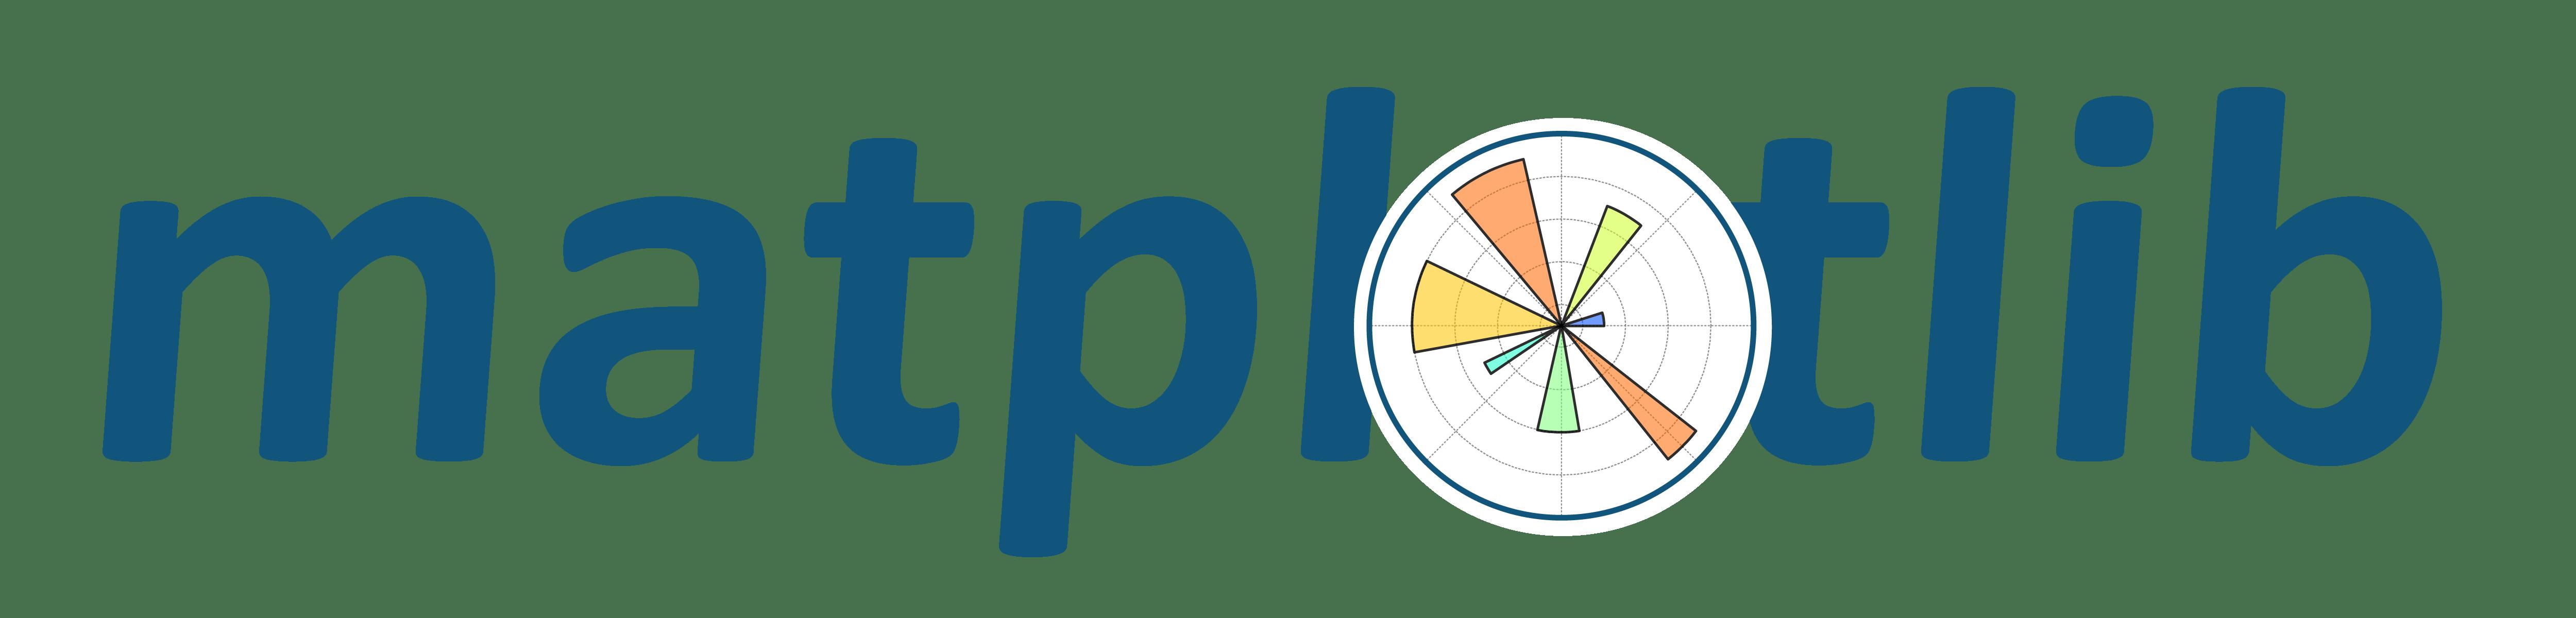 logo2_compressed